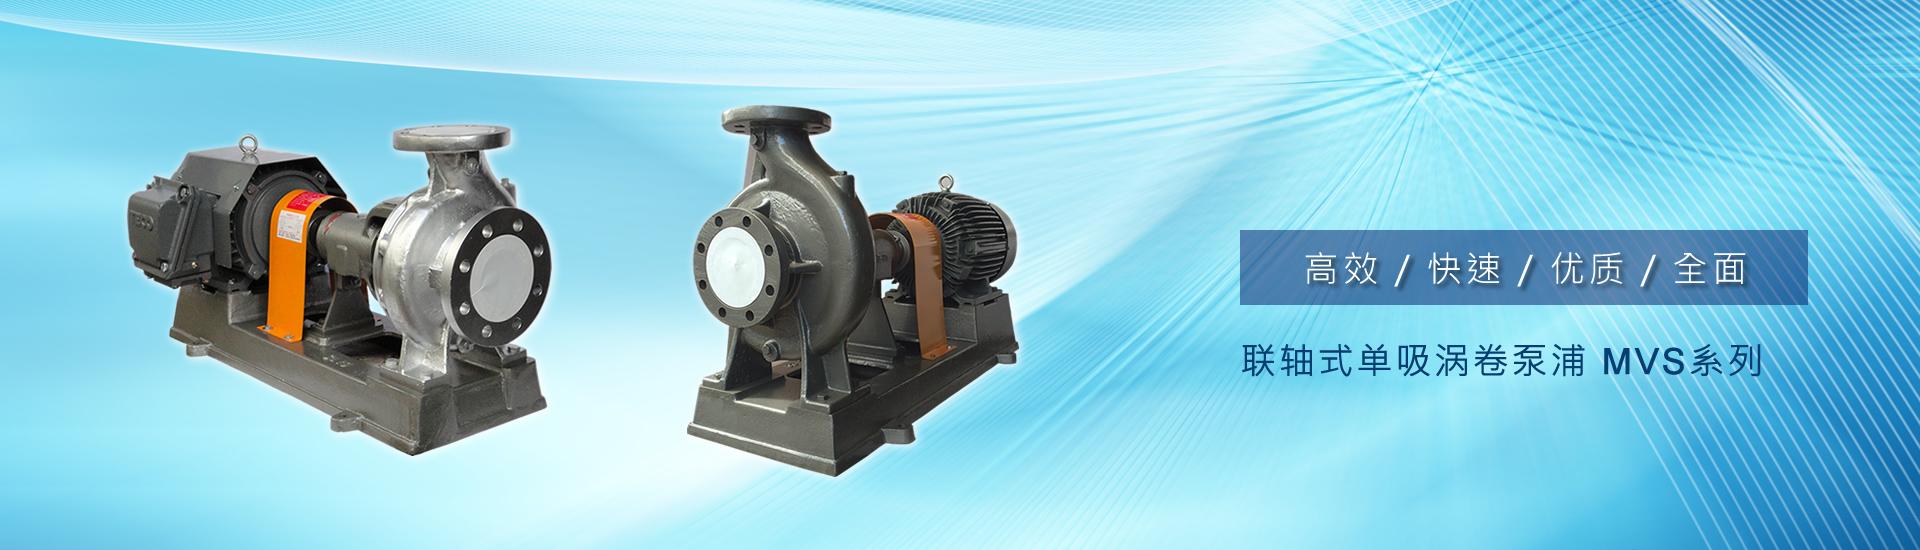 联轴式单吸涡卷泵浦MVS系列